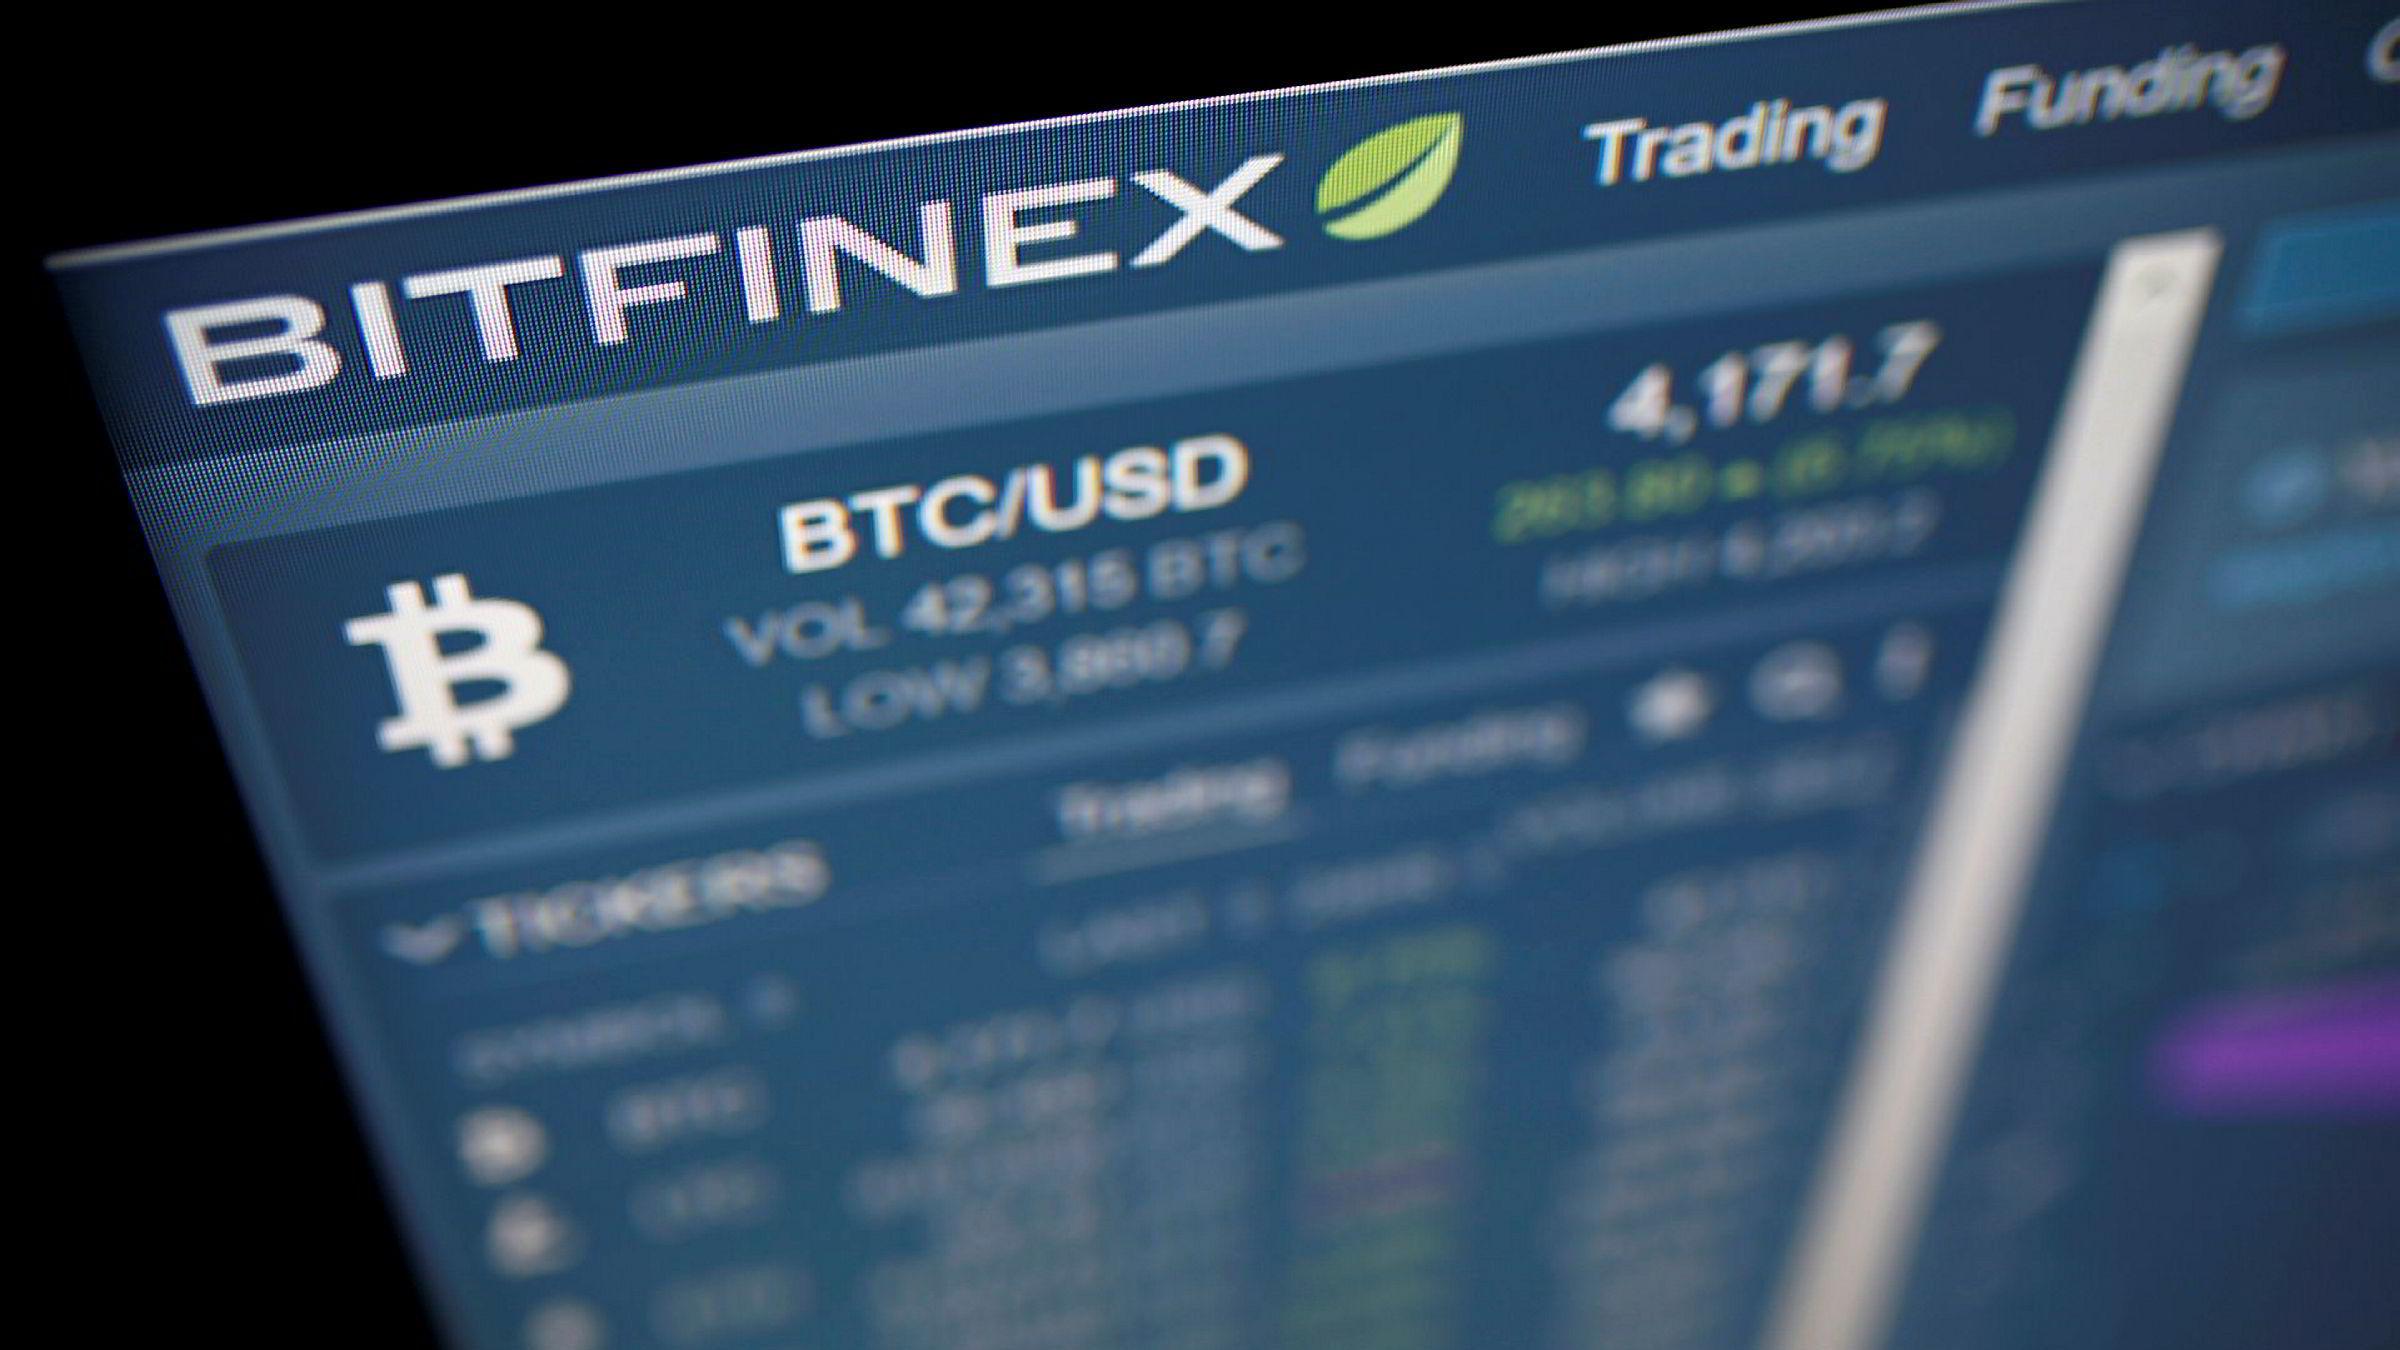 Valutabørser som Bitfinex, Bitflyer, Coinbase og Poloniex dominerer den internasjonale handelen i digitale valutaer. Ingen av de digitale valutabørsene er underlagt reguleringer. Nå advares det mot den største valutabørsen.